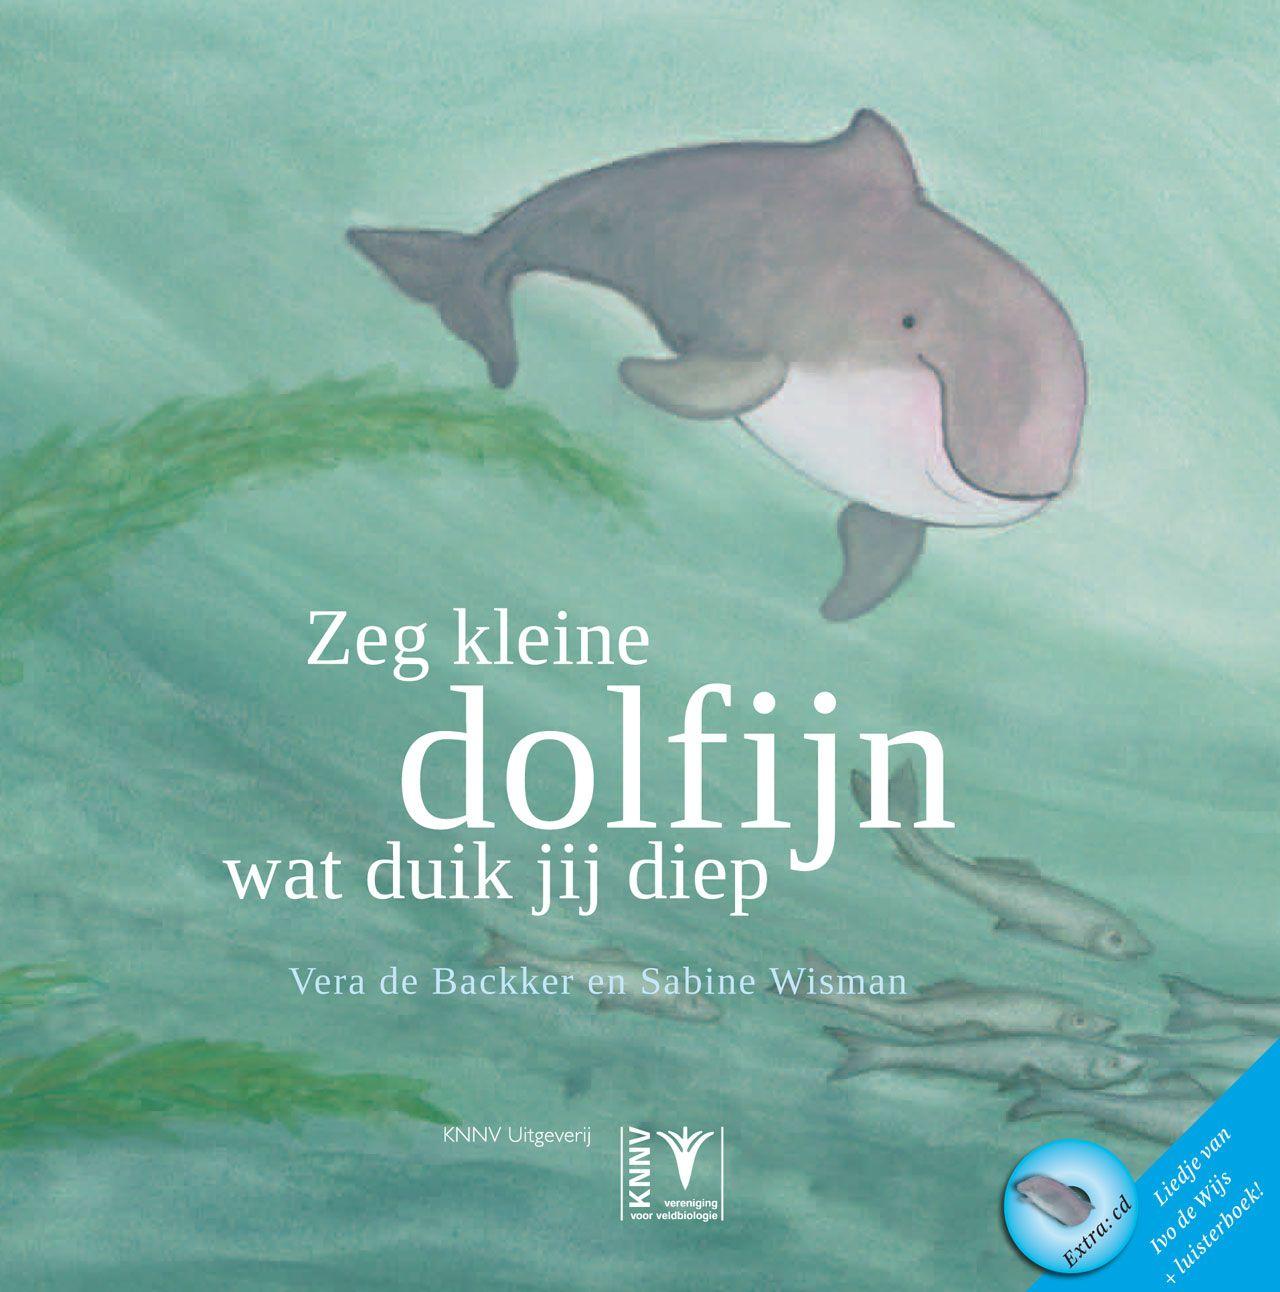 Leerzaam Prentenboek Voor Peuters En Kleuters Over Dieren In De Natuur Met Leuke Extra 39 S Gratis Liedjes Kleurplaten En Dolfijnen Onderwater Thema Dieren